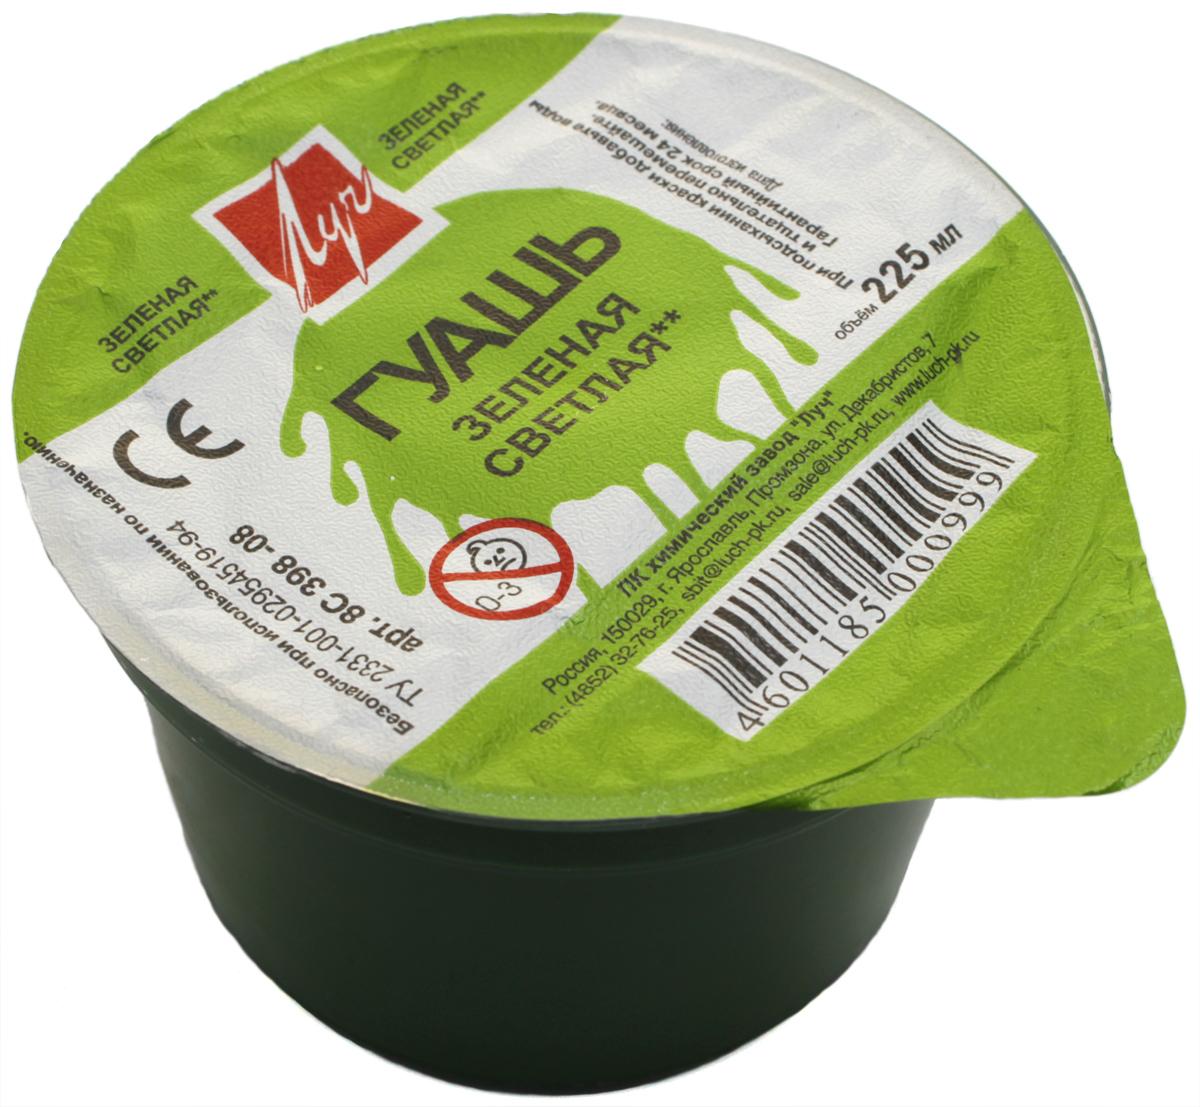 Луч Гуашь цвет светло-зеленый 225 мл8С 398-08Гуашь зеленая светлая. Масса: 320 грамм. Прозрачная, водоразбавляемая, быстро сохнет. Помещена в пластиковую упаковку с прозрачной крышкой. Продукт не токсичен.